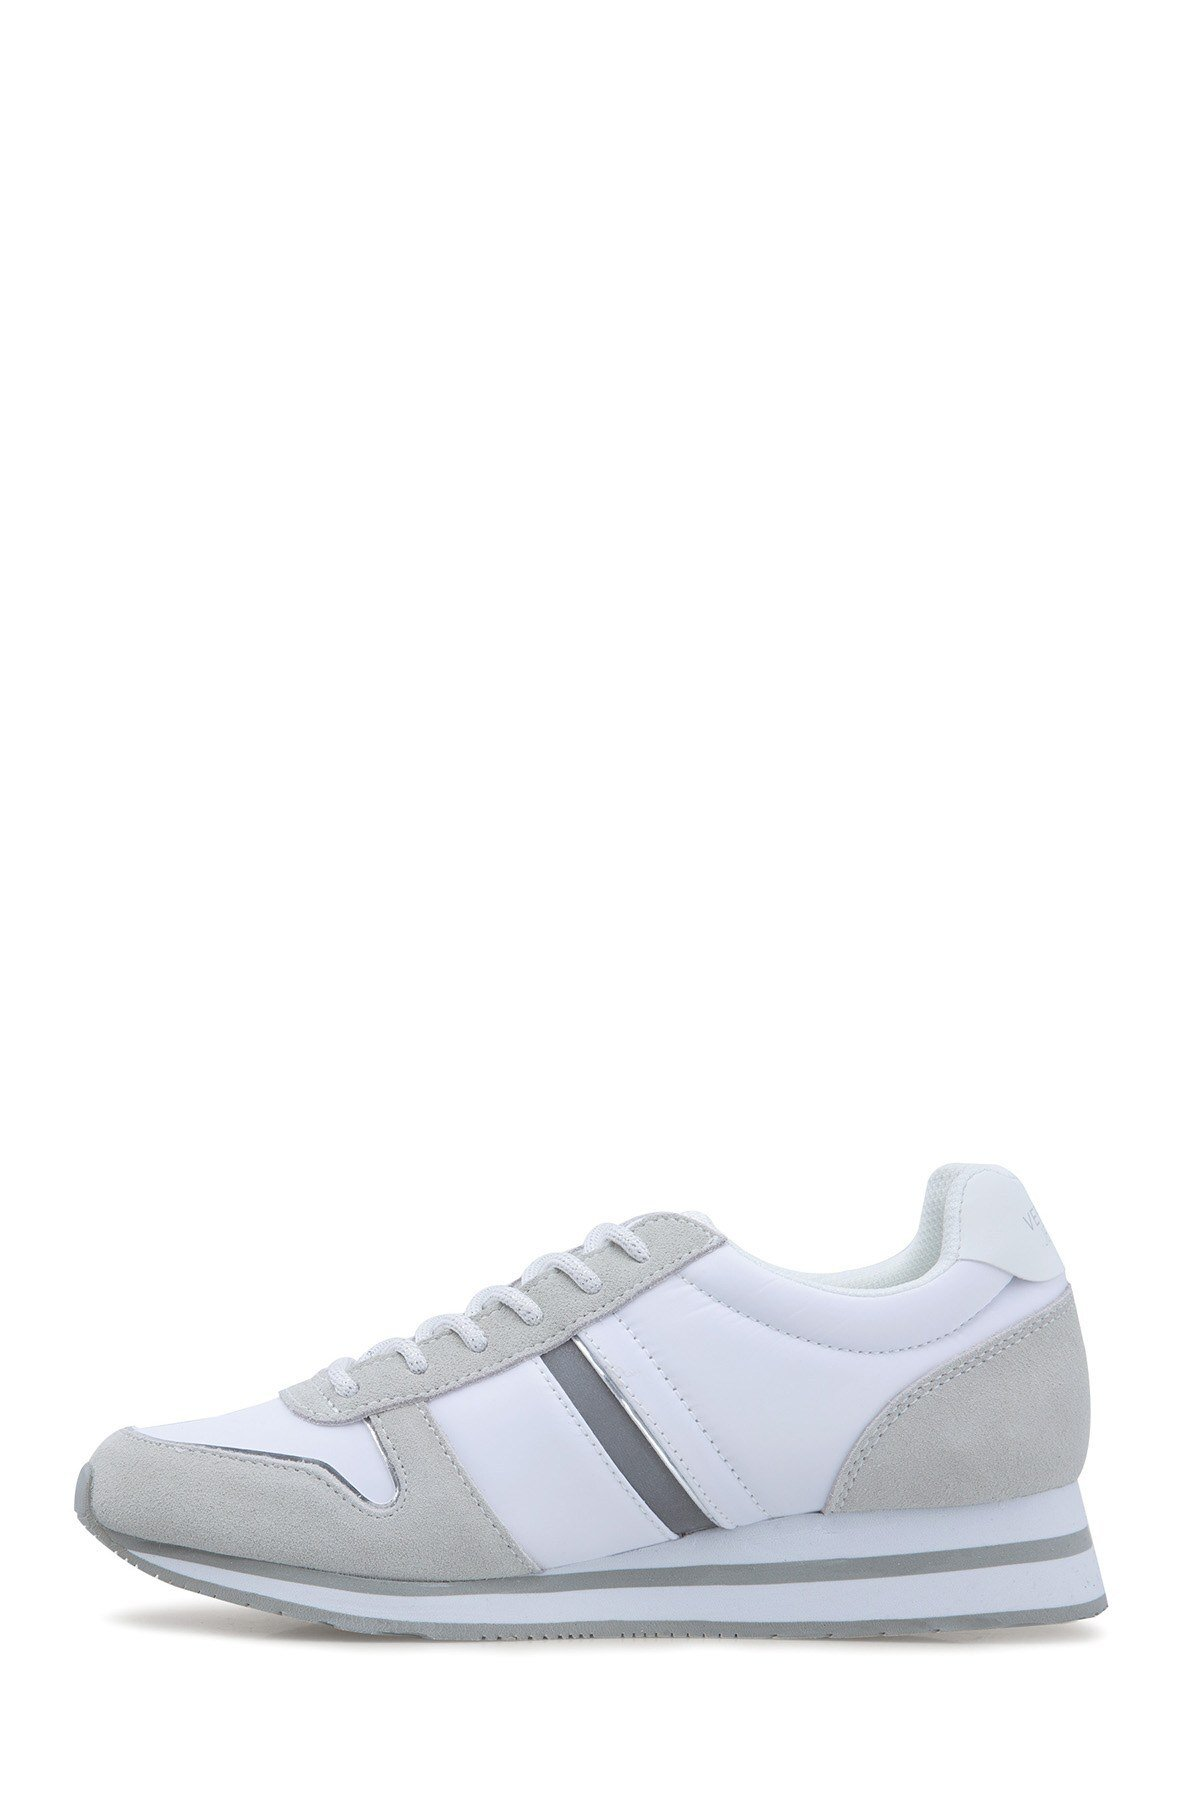 Versace Jeans Kadın Ayakkabı E0VTBSA1 70942 003 BEYAZ